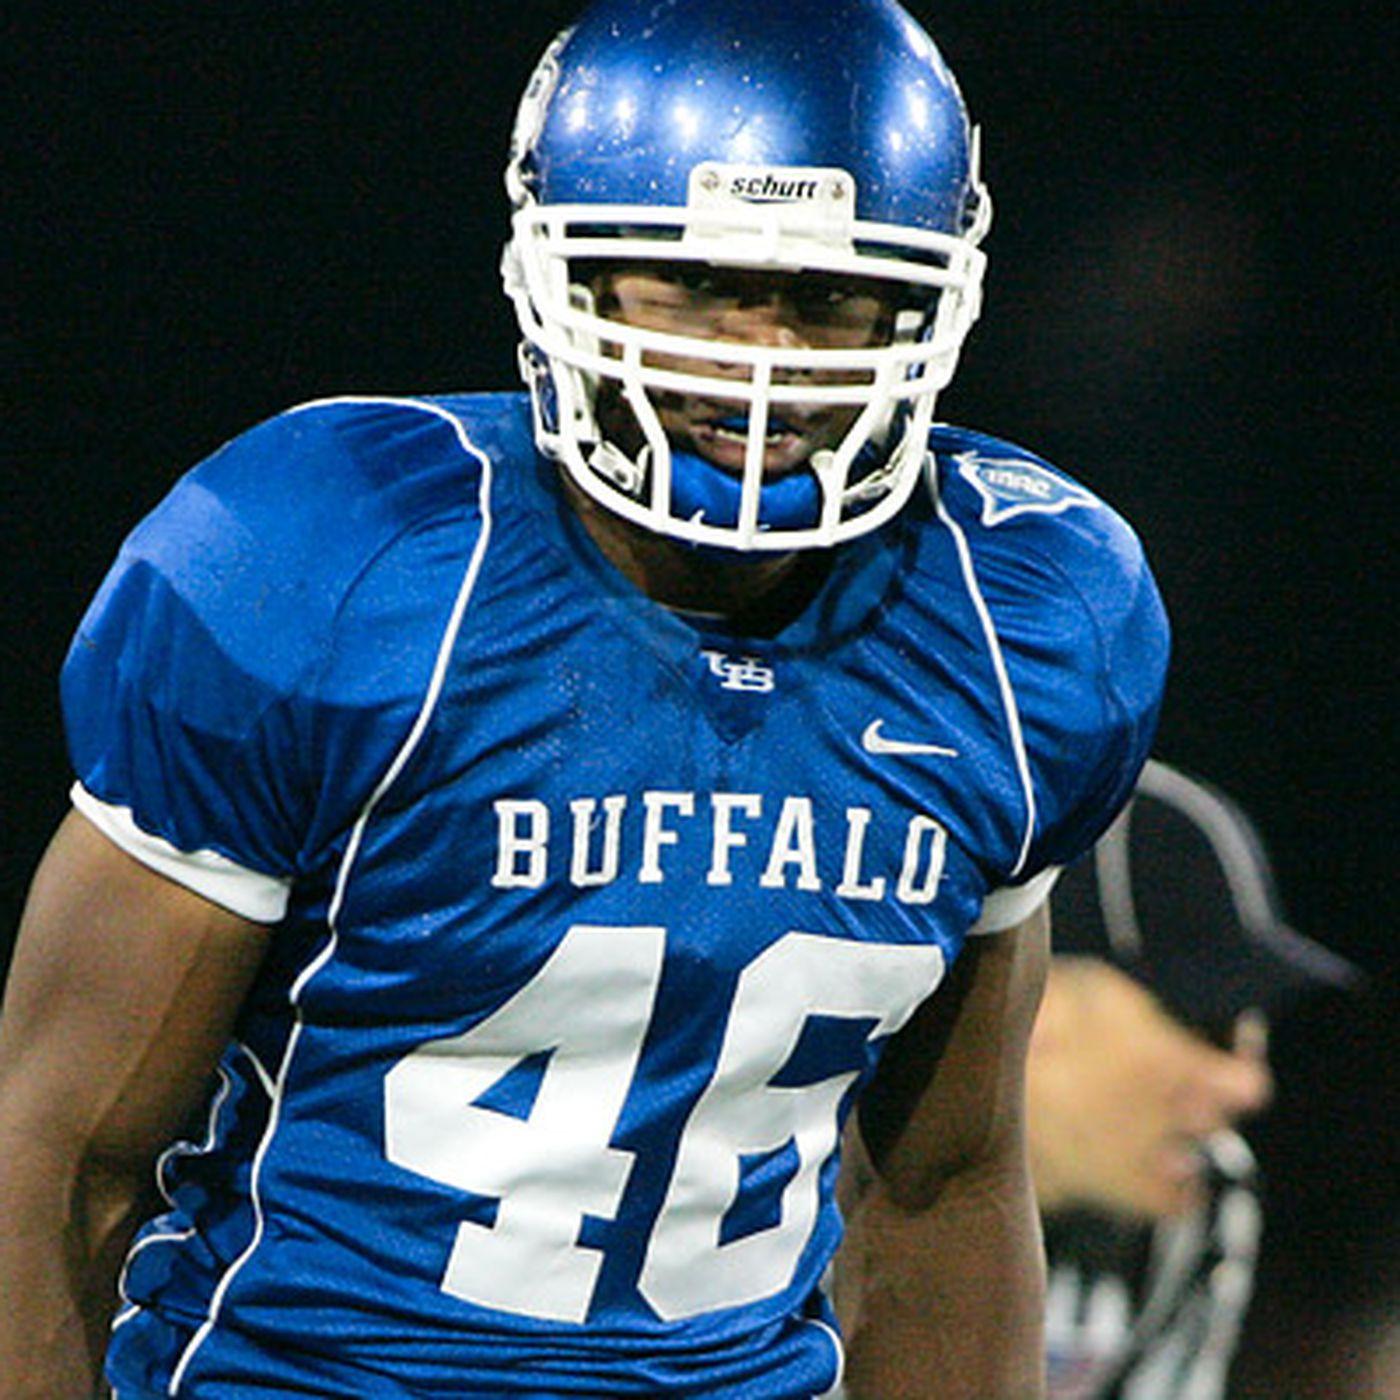 online store f05c2 7d4e7 NCAA Record Watch - Khalil Mack - Bull Run